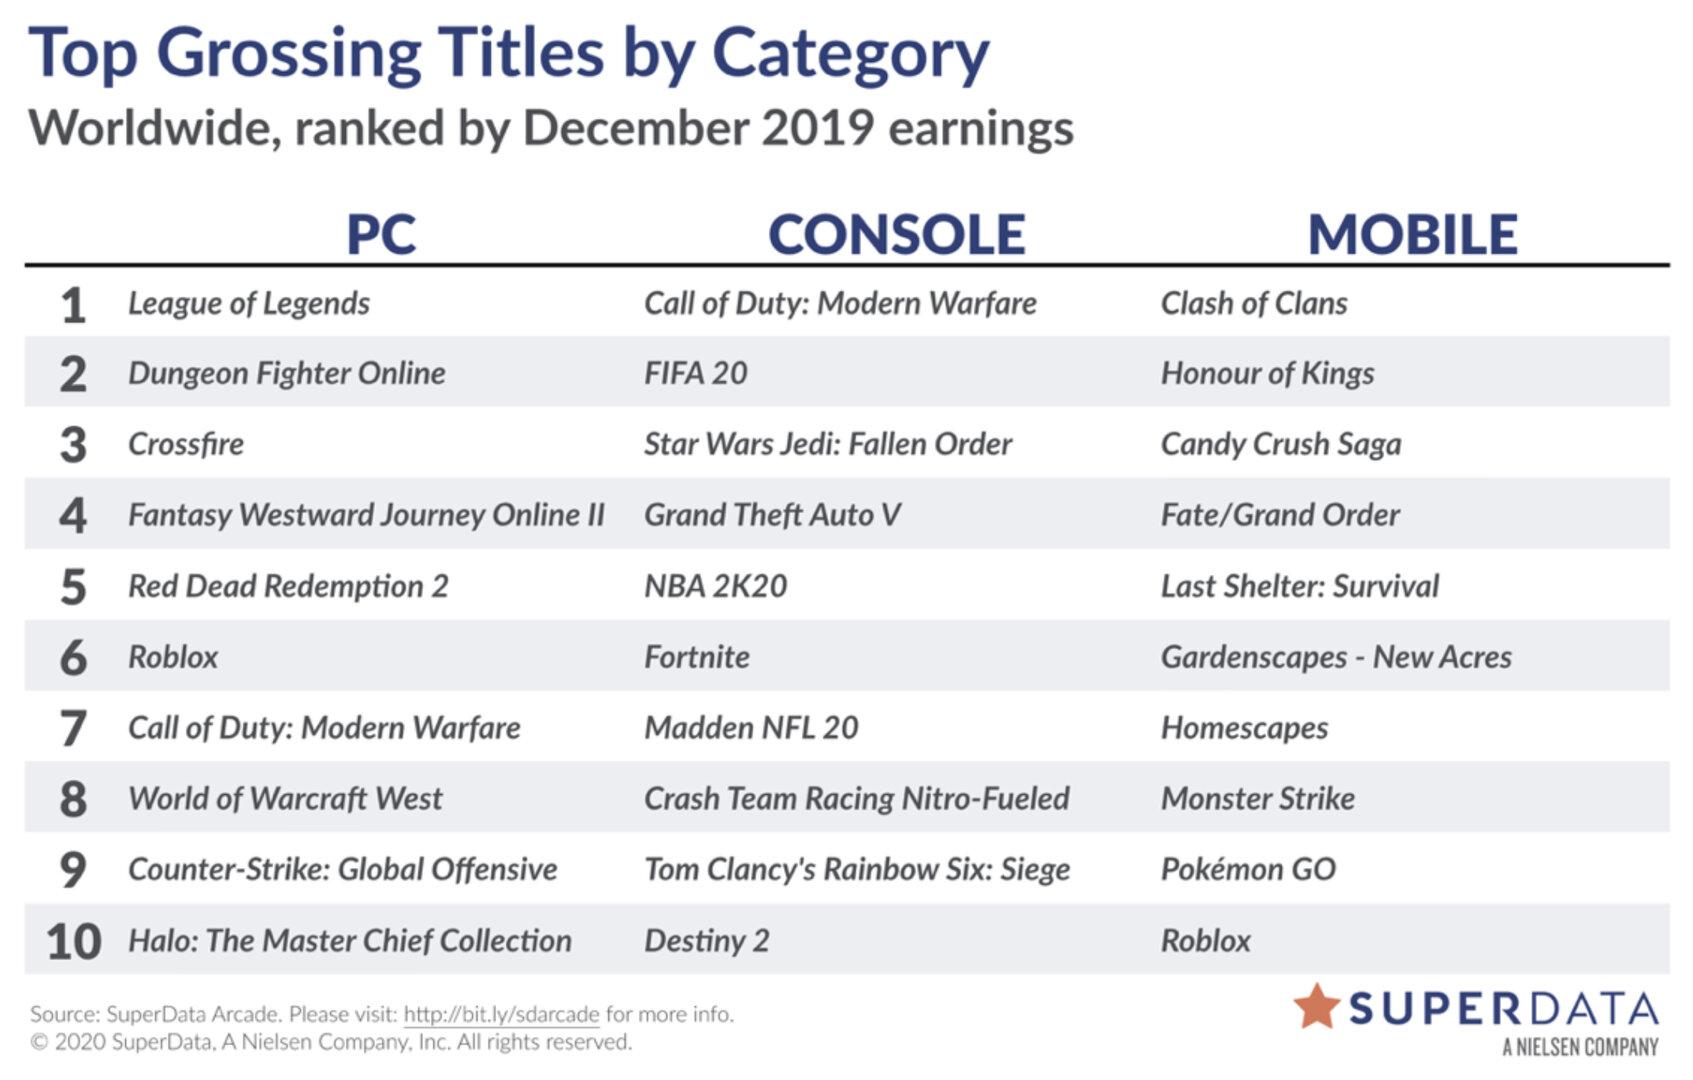 Videospiele-Markt: Monatlicher Umsatz kratzt an 10 Milliarden US-Dollar